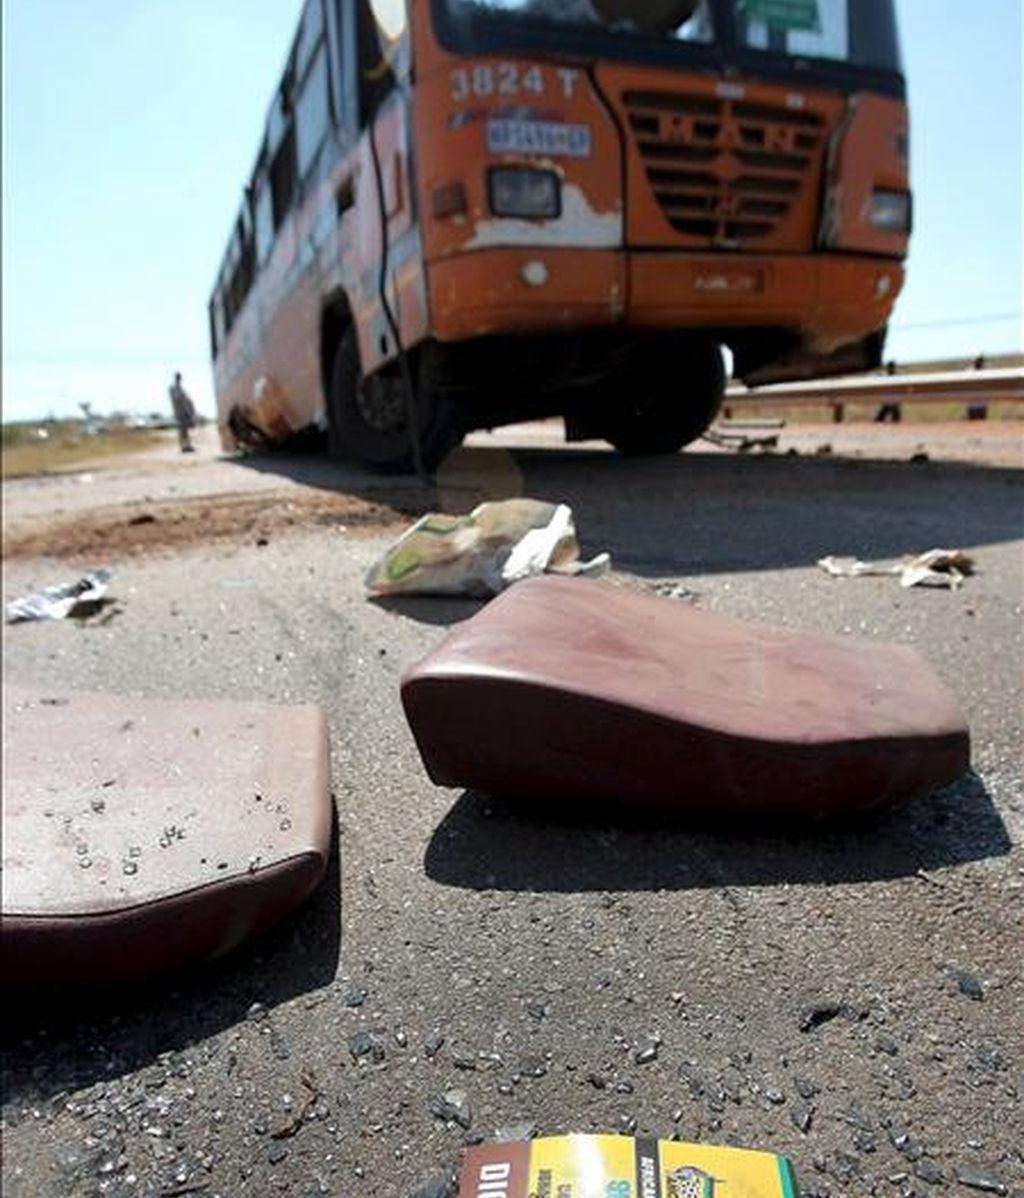 El suceso tuvo lugar en la zona de Papallacta, camino a la Amazonía cuando se accidentó el autobús de servicio público. EFE/Archivo